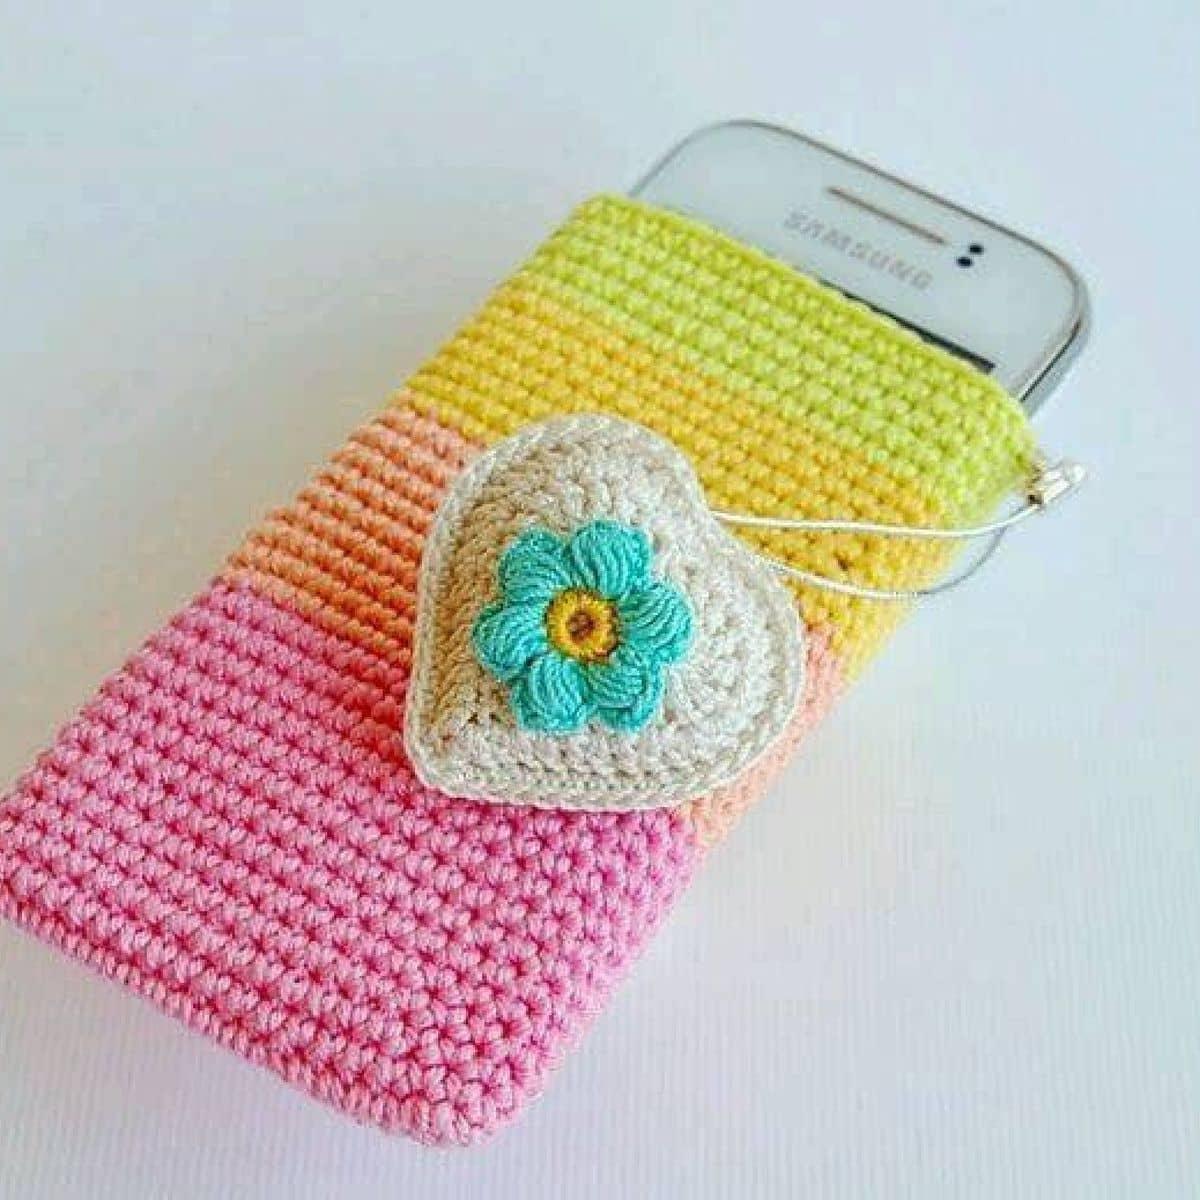 Фото вязанных крючком чехлов для телефона